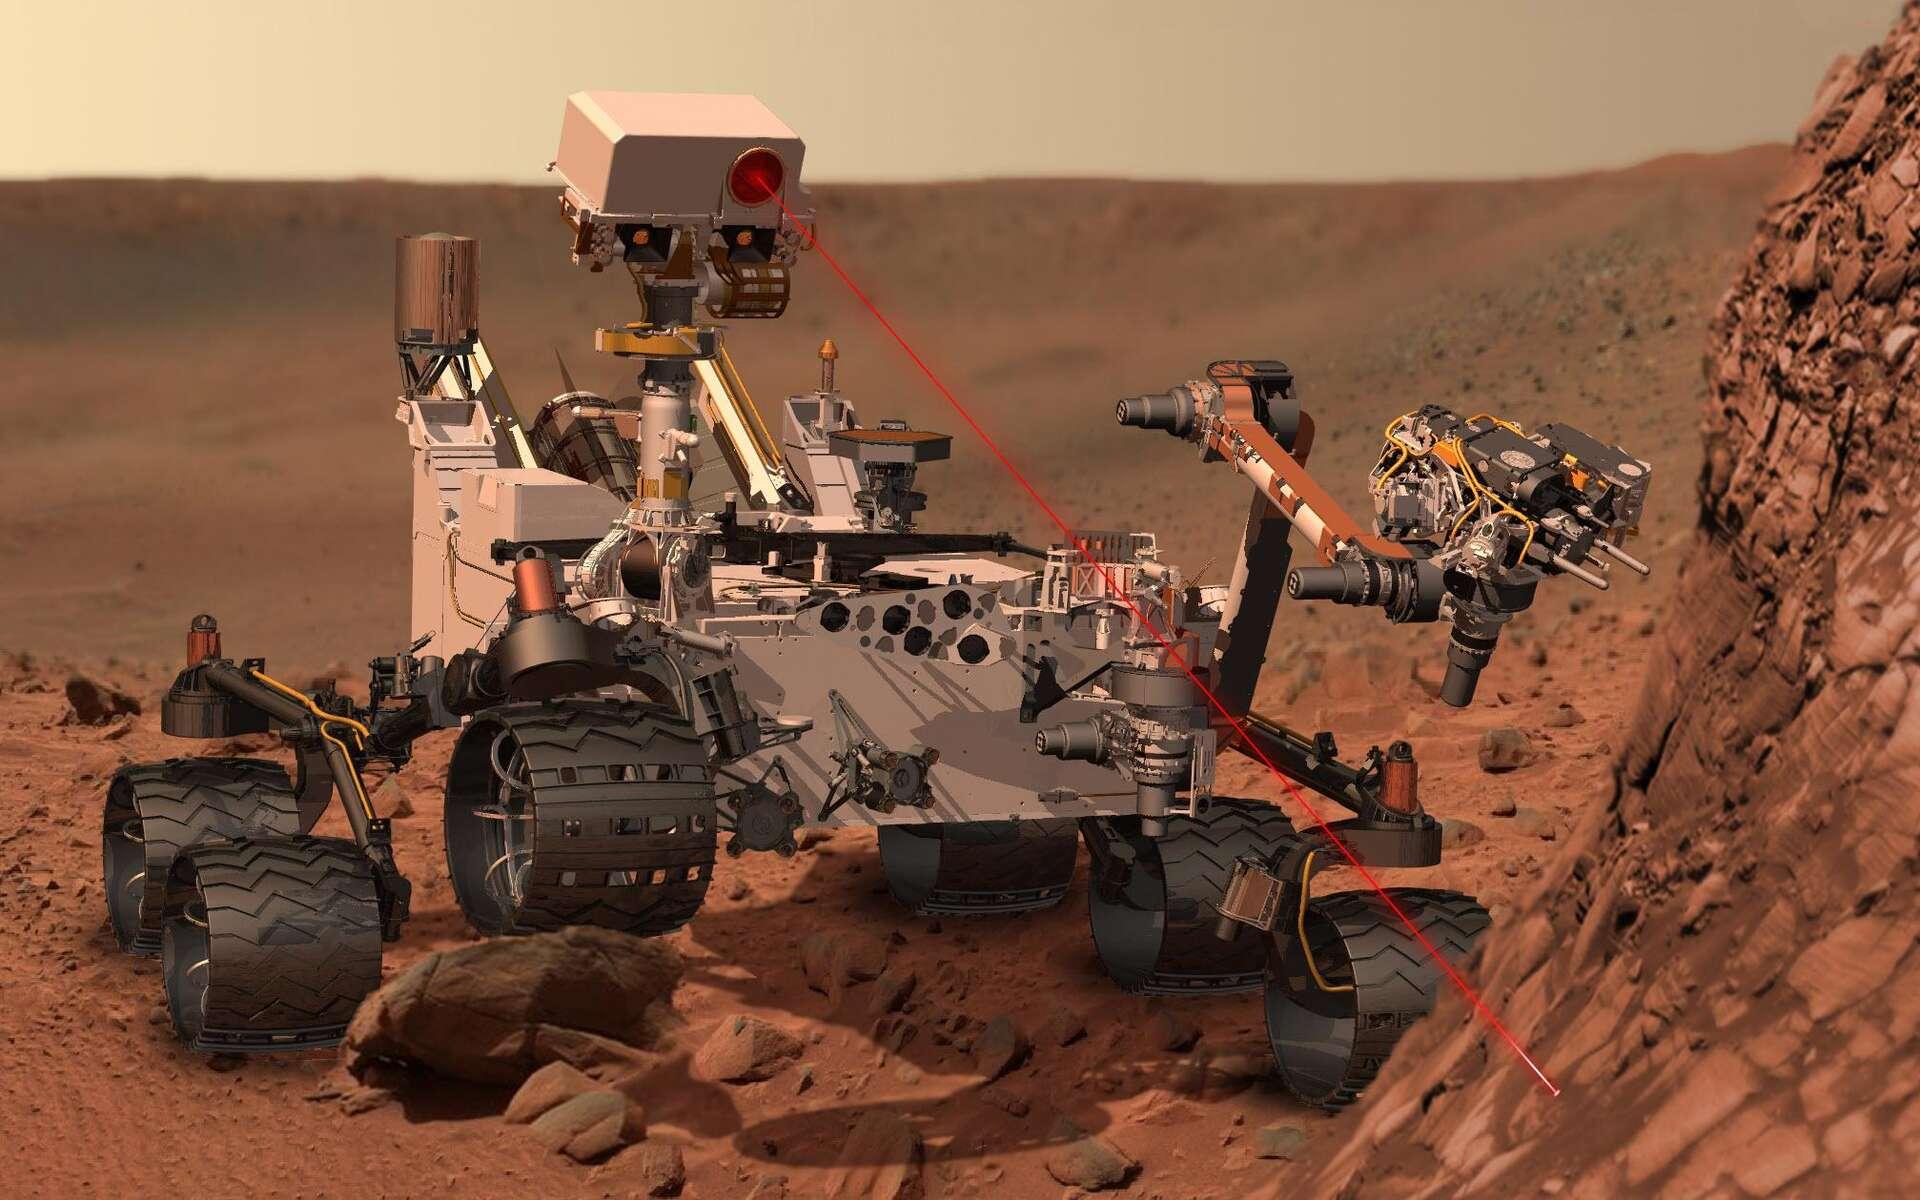 Illustration d'un tir laser effectué par la ChemCam de Curiosity. L'instrument permet d'analyser à distance la composition des roches visées. Grâce à cette opération, le rover a pu détecter de l'oxyde de manganèse. Il a ainsi permis de déduire que l'atmosphère de Mars était plus riche en oxygène dans le passé qu'aujourd'hui. © Nasa